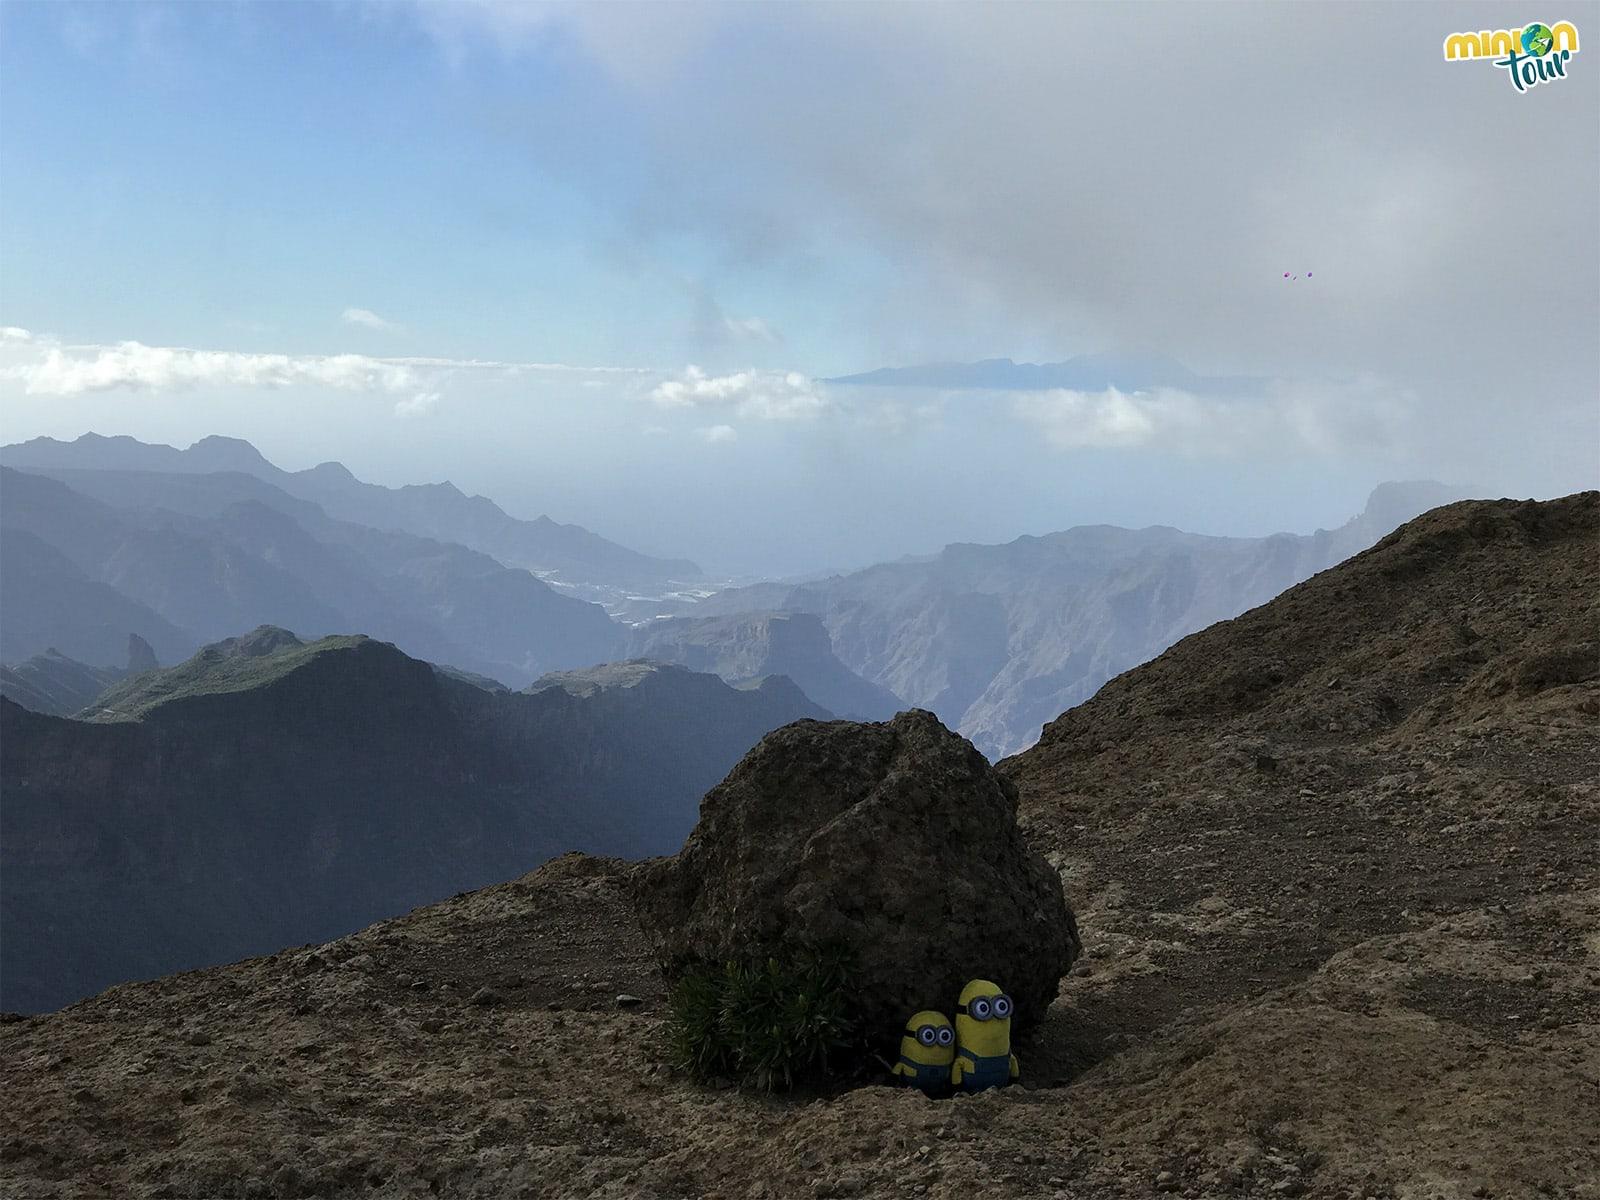 El Mirador del Roque Nublo es uno de los mejores miradores de Gran Canaria